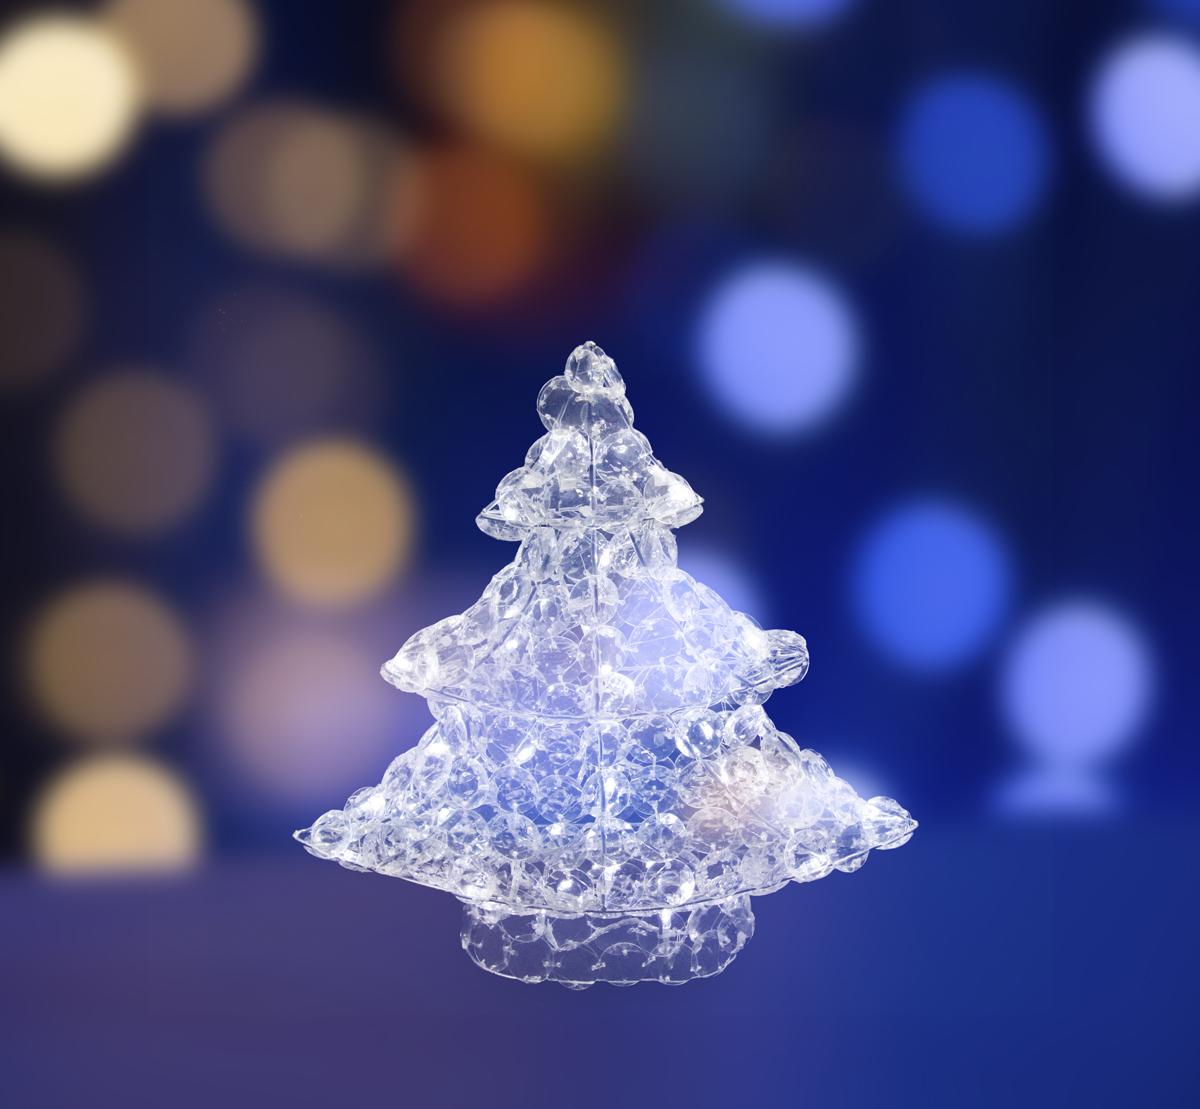 Фигура Neon-Night стеклянная Новогодняя Ель, светодиодная, 50 LED, с понижающим трансформатором, 40 см513-265Акриловые фигуры за несколько лет вызвали большой интерес у дизайнеров и частных клиентов. Скаждым годом расширяется не только ассортимент акриловых фигур, но и появляются новыетехнологии нанесения акрила. Эти яркие, светящиеся объемные фигуры, состоящие из металлического каркаса, крупных акриловых кристаллов и светодиодов, применяются для оформления и создания новогодней атмосферы в кафе, ресторанах, торговых центрах, магазинах, на площадях и перед входом, а также просто в частных домах и квартирах. Все фигуры укомплектованы понижающим трансформатором , что обеспечивает безопасность при контактировании, а так же имеют степень защиты IP 44, что позволяет использовать их как в помещении, так и на улице. Акриловая светодиодная фигура Новогодняя Ель высотой 40 см, светящаяся более чем 50 яркихдиодов, выполнена по специальной технологии создания крупных акриловых кристаллов. Онапозволит Вам создать ту самую, настоящую новогоднюю атмосферу и принести сотни радостныхулыбок.